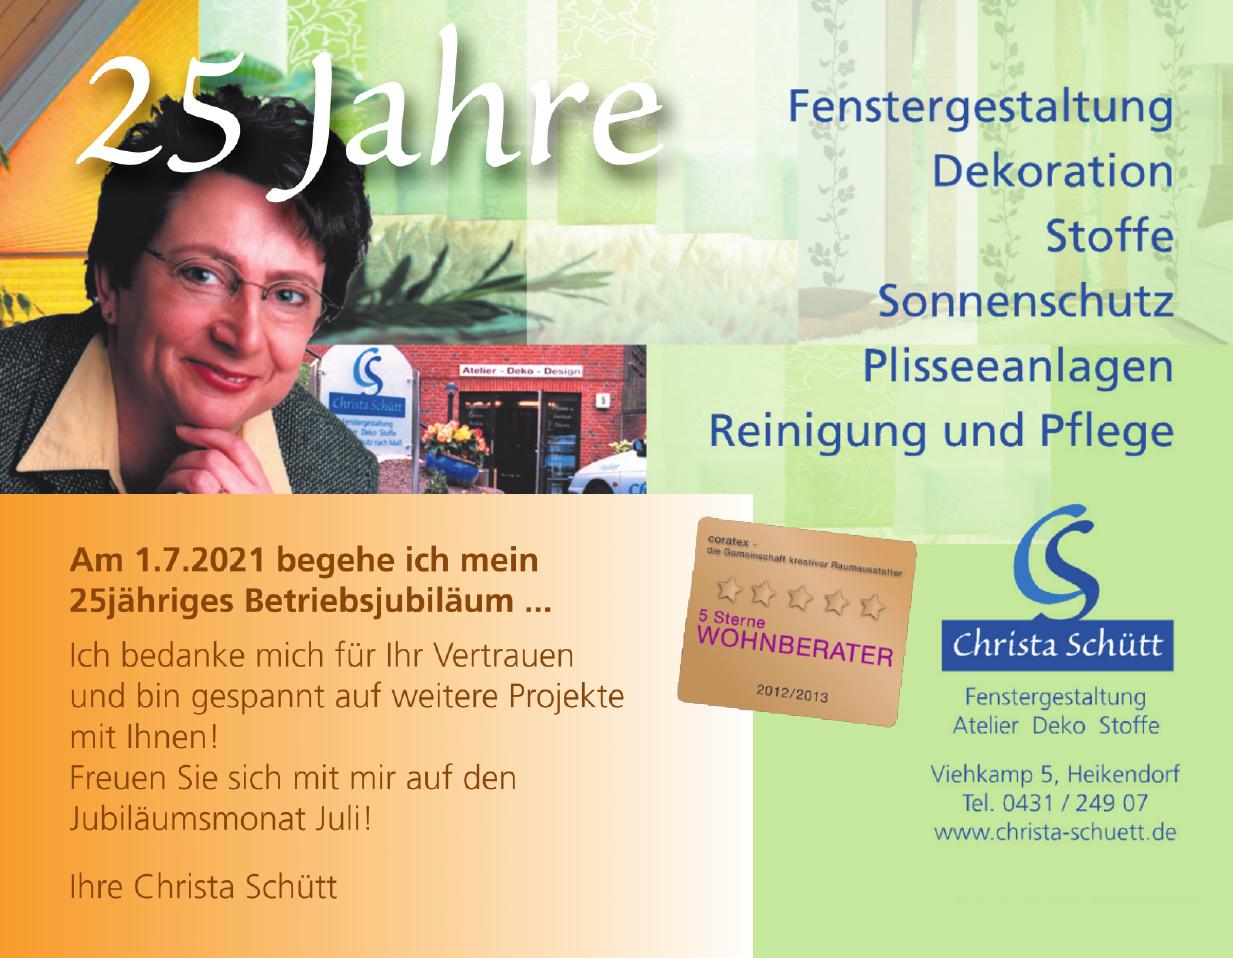 Christa Schütt Atelier